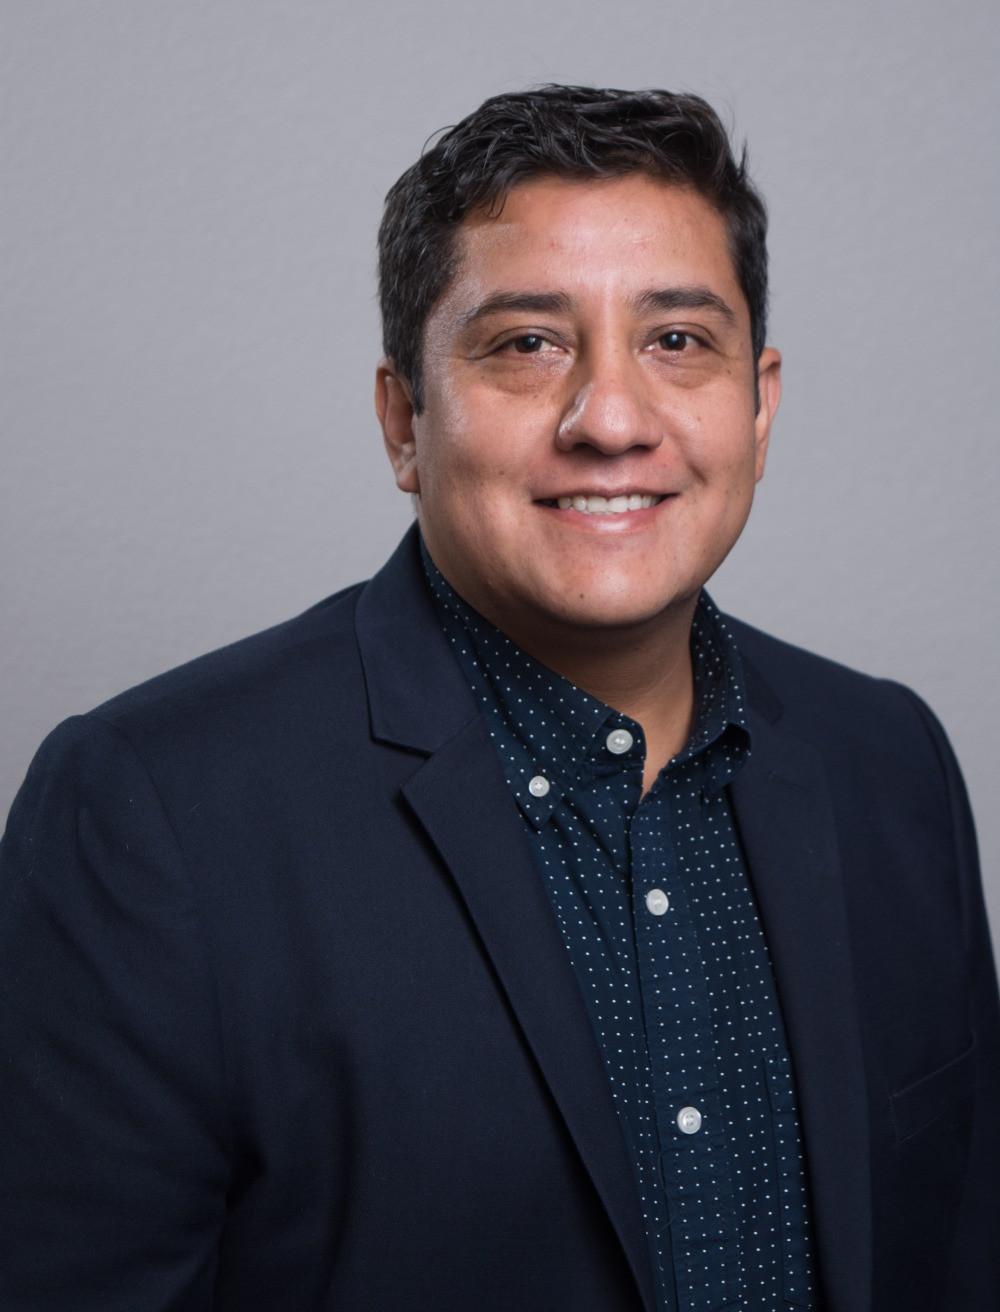 Carlos Beraun